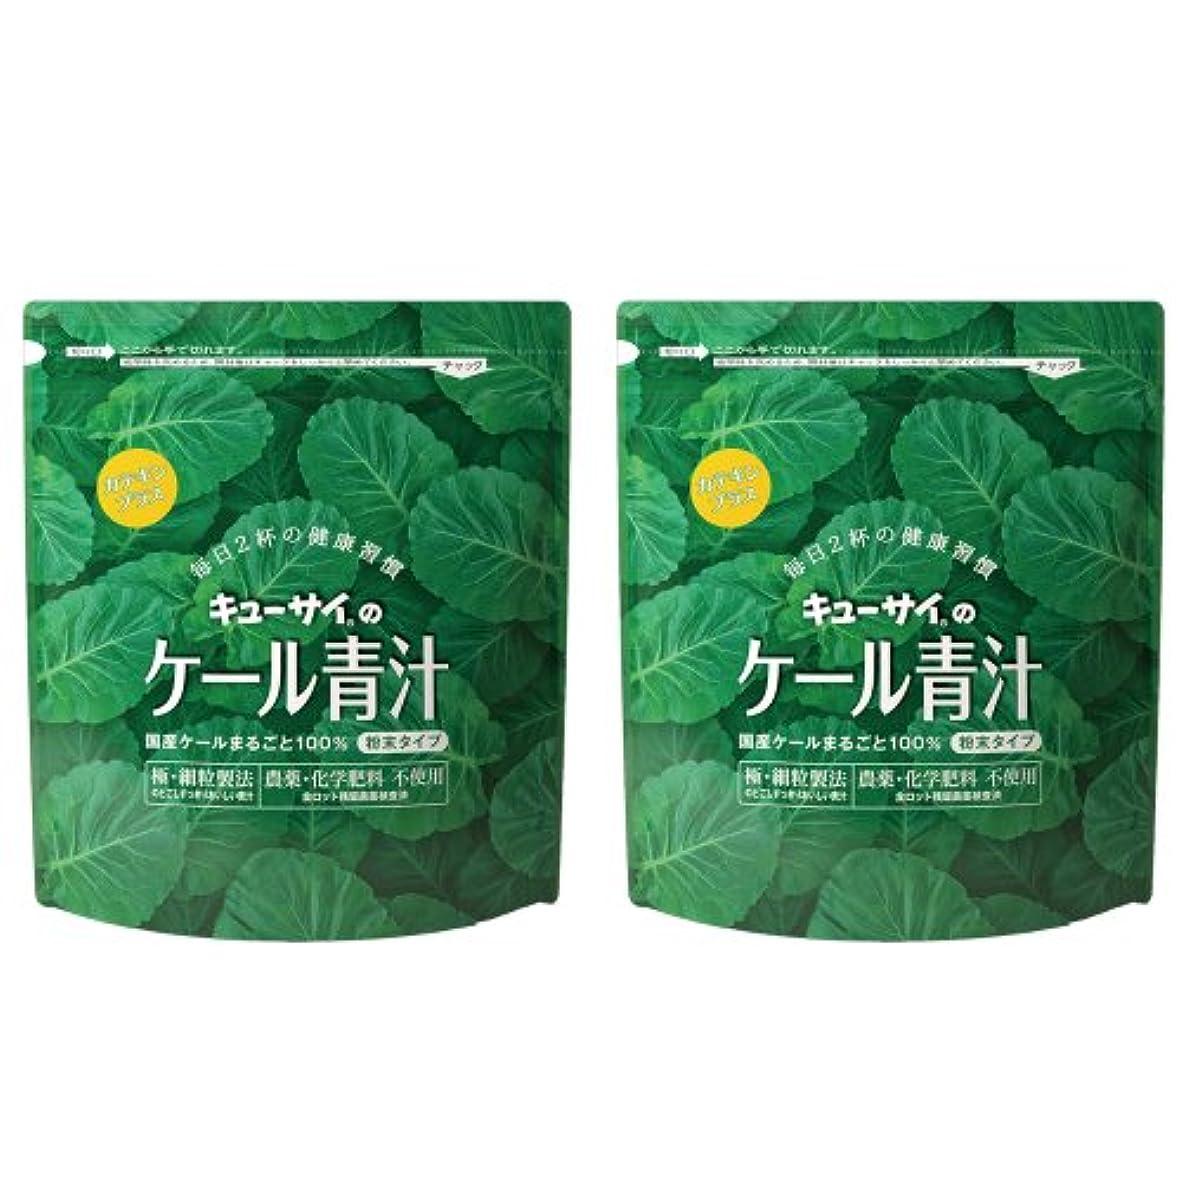 プラカード合成コンセンサスキューサイ青汁カテキンプラス420g(粉末タイプ)2袋まとめ買い【1袋420g(約1カ月分)】